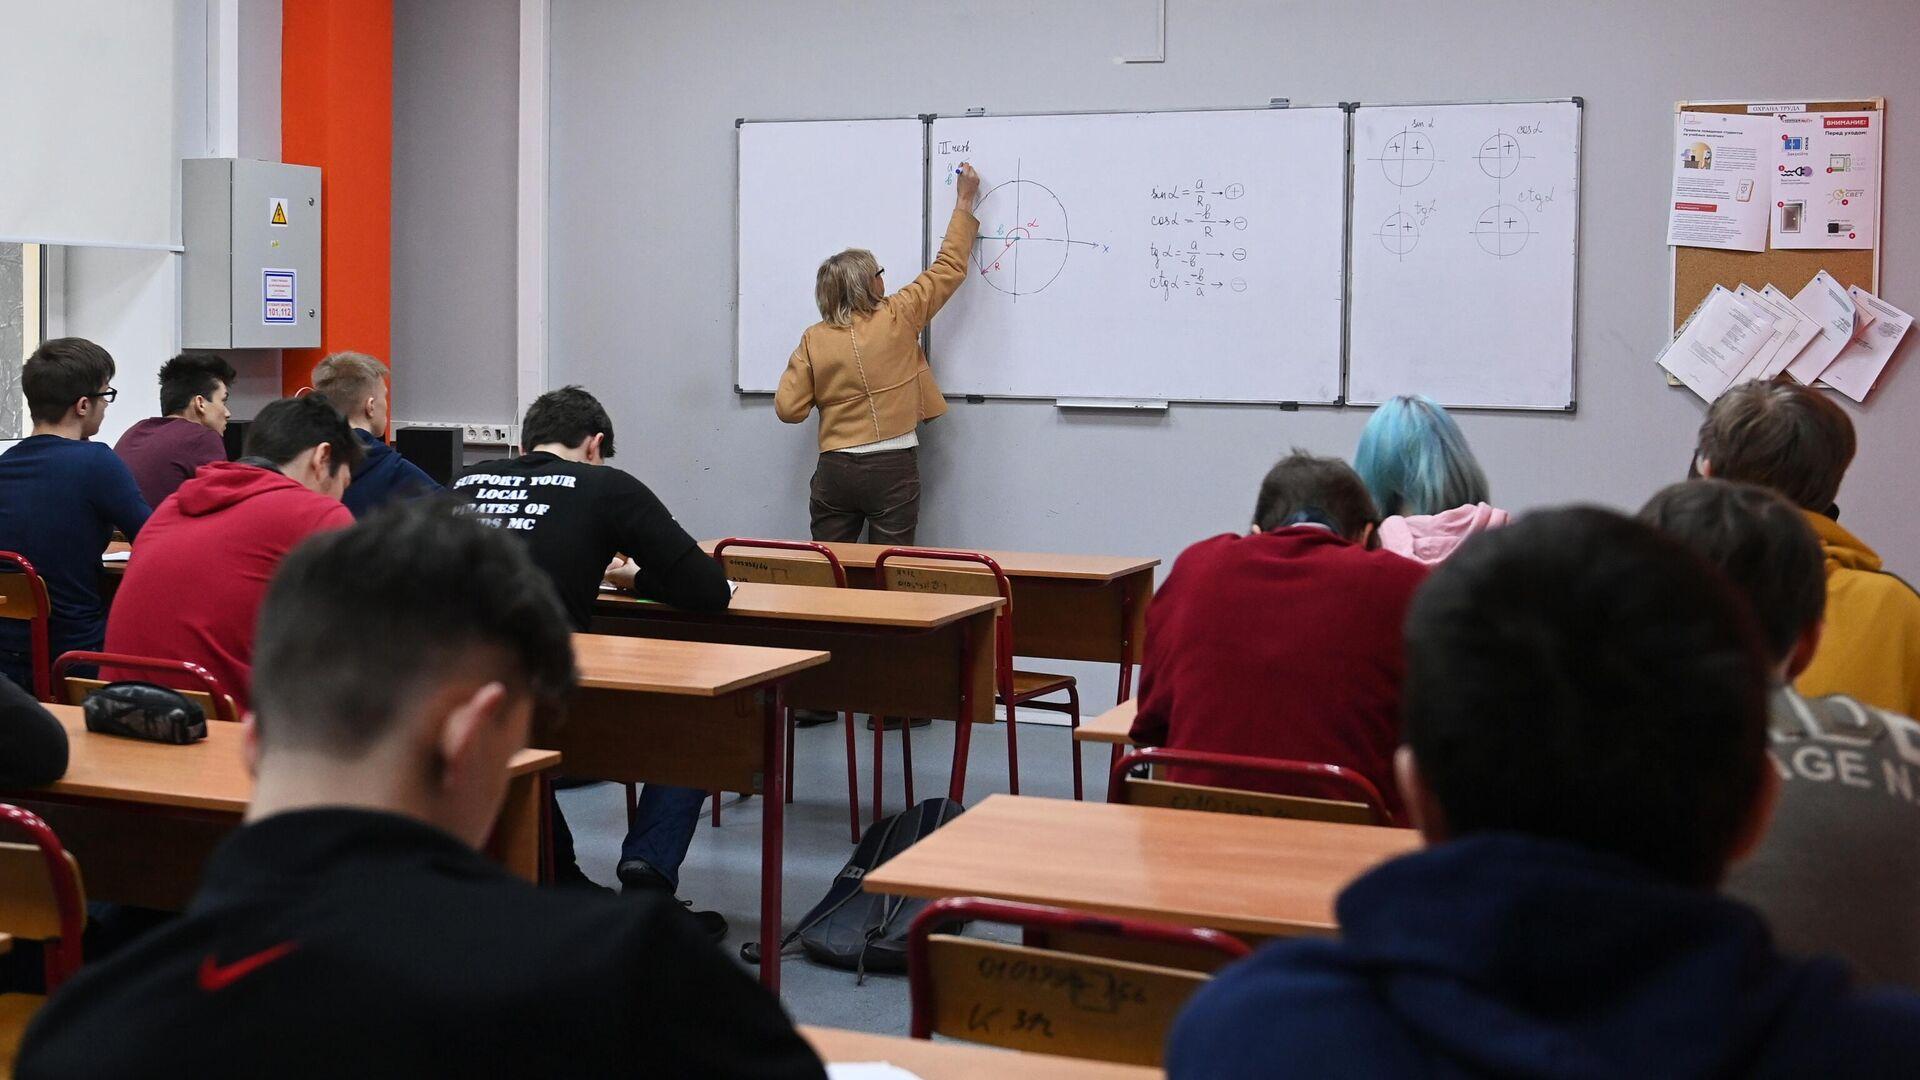 Московские колледжи вернулись к очному обучению с 22 января - РИА Новости, 1920, 07.10.2021